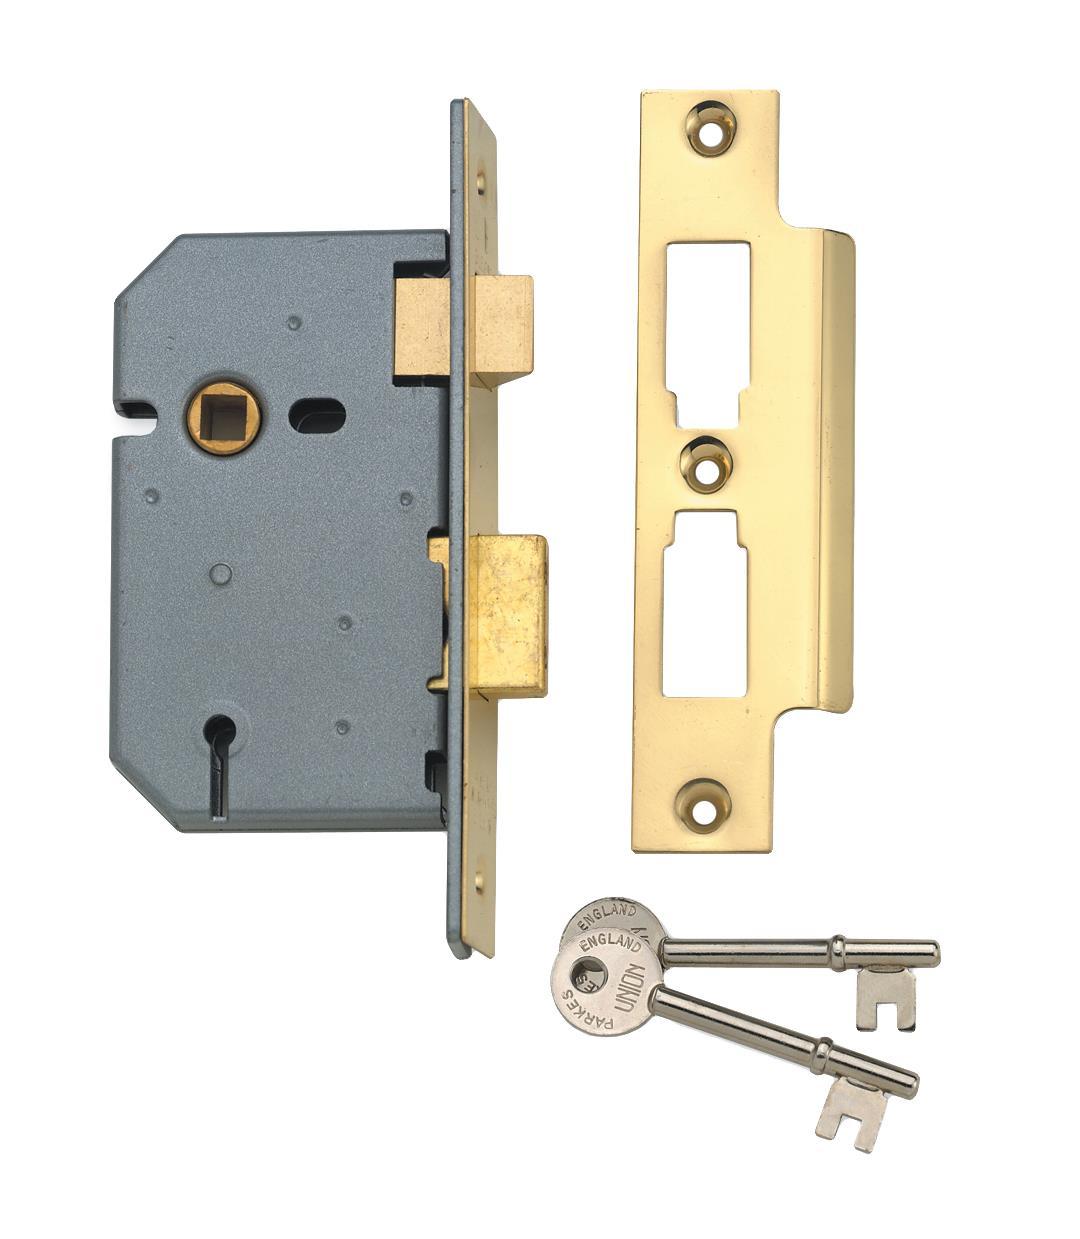 2277 - 3 Lever Mortice Sash Lock